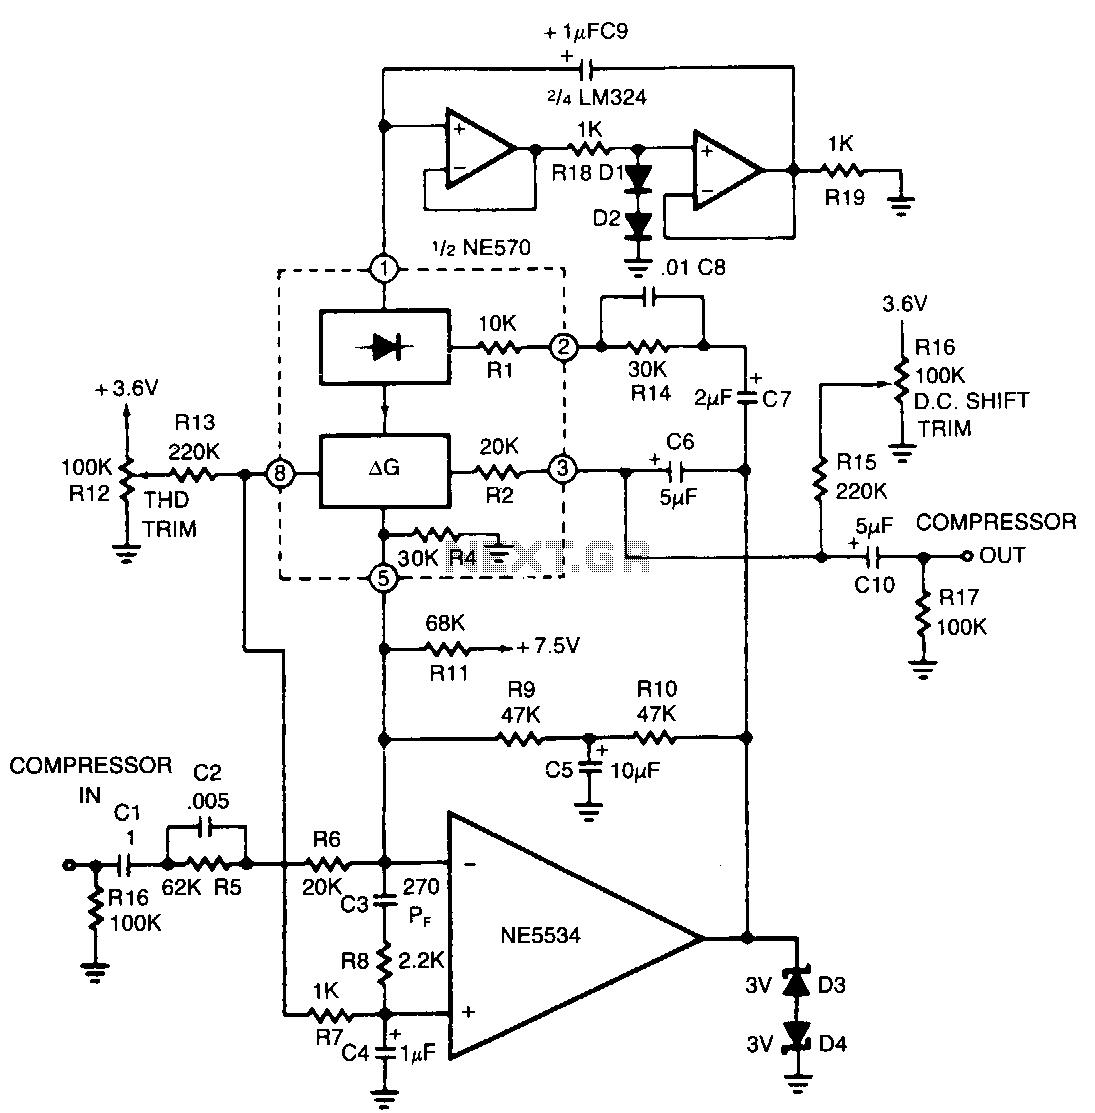 metal detector circuit Page 3 : Sensors Detectors Circuits